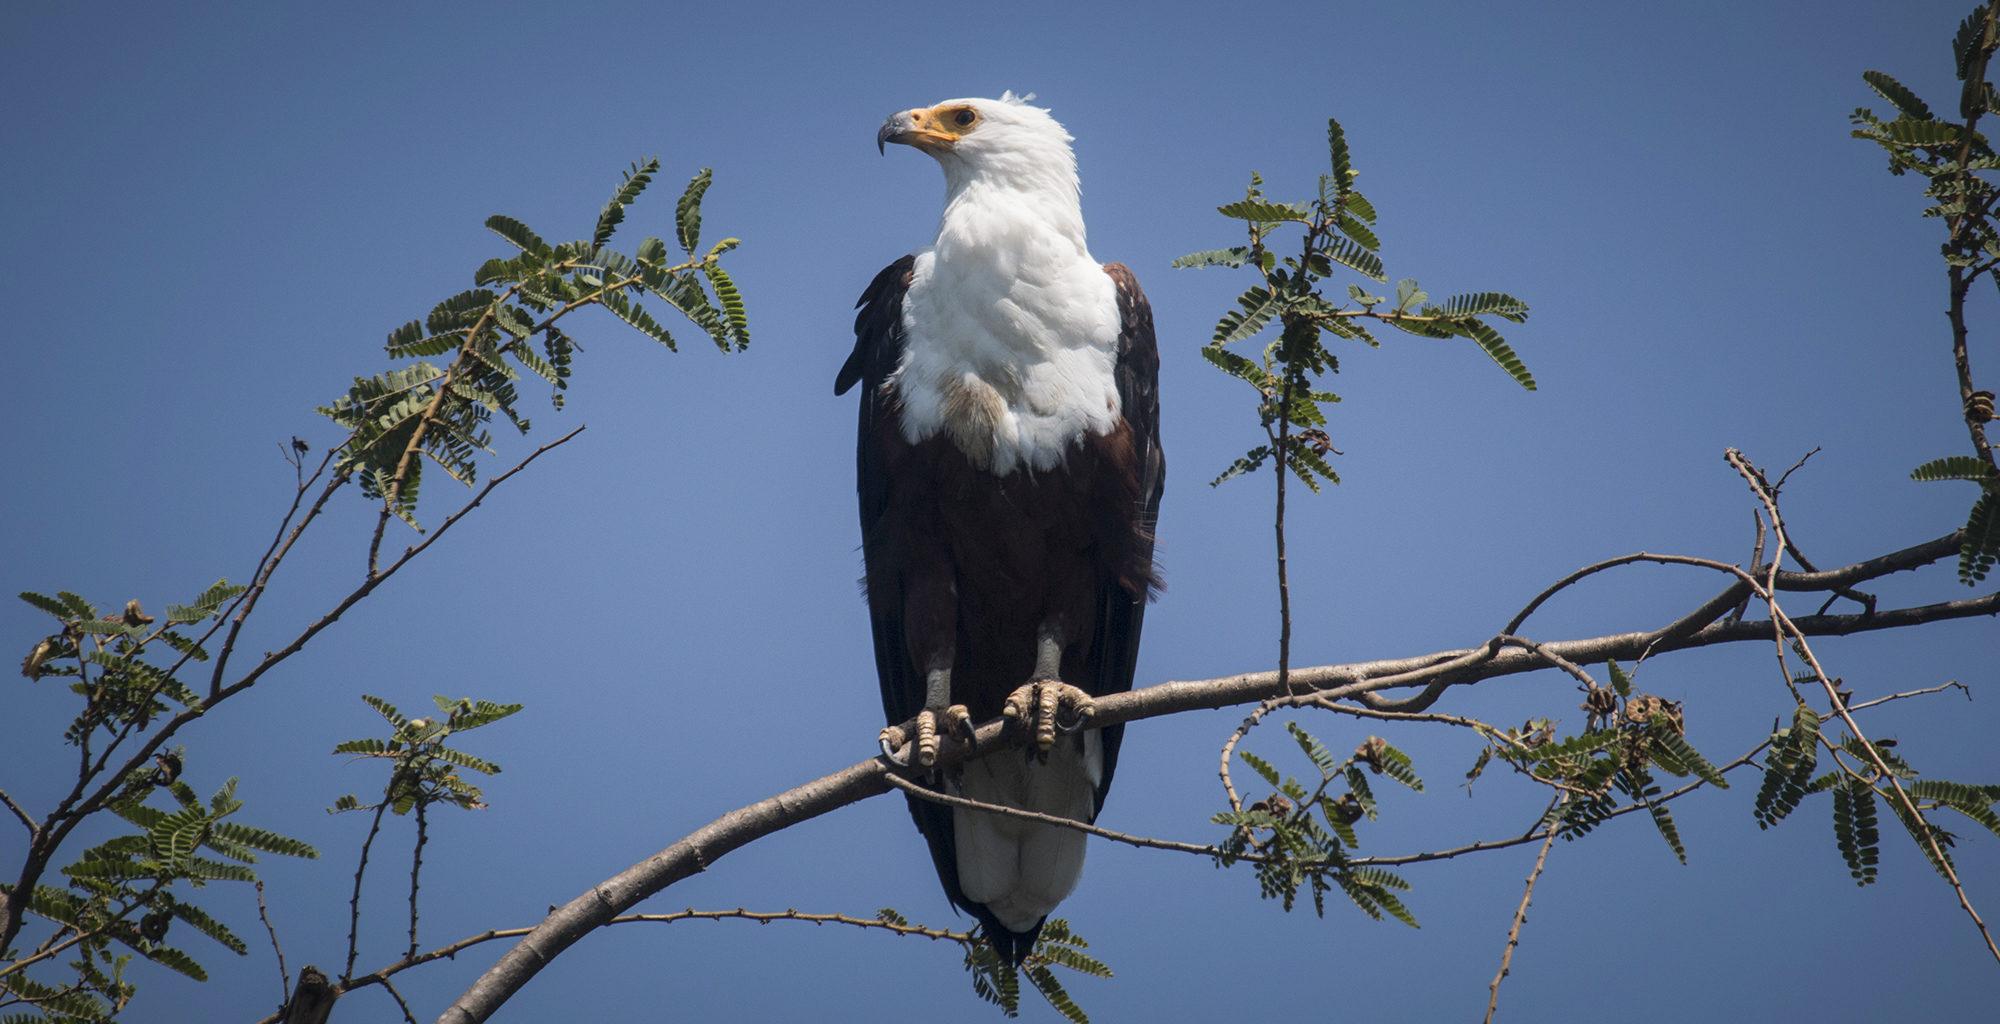 Tanzania-Rubondo-Island-Fish-Eagle